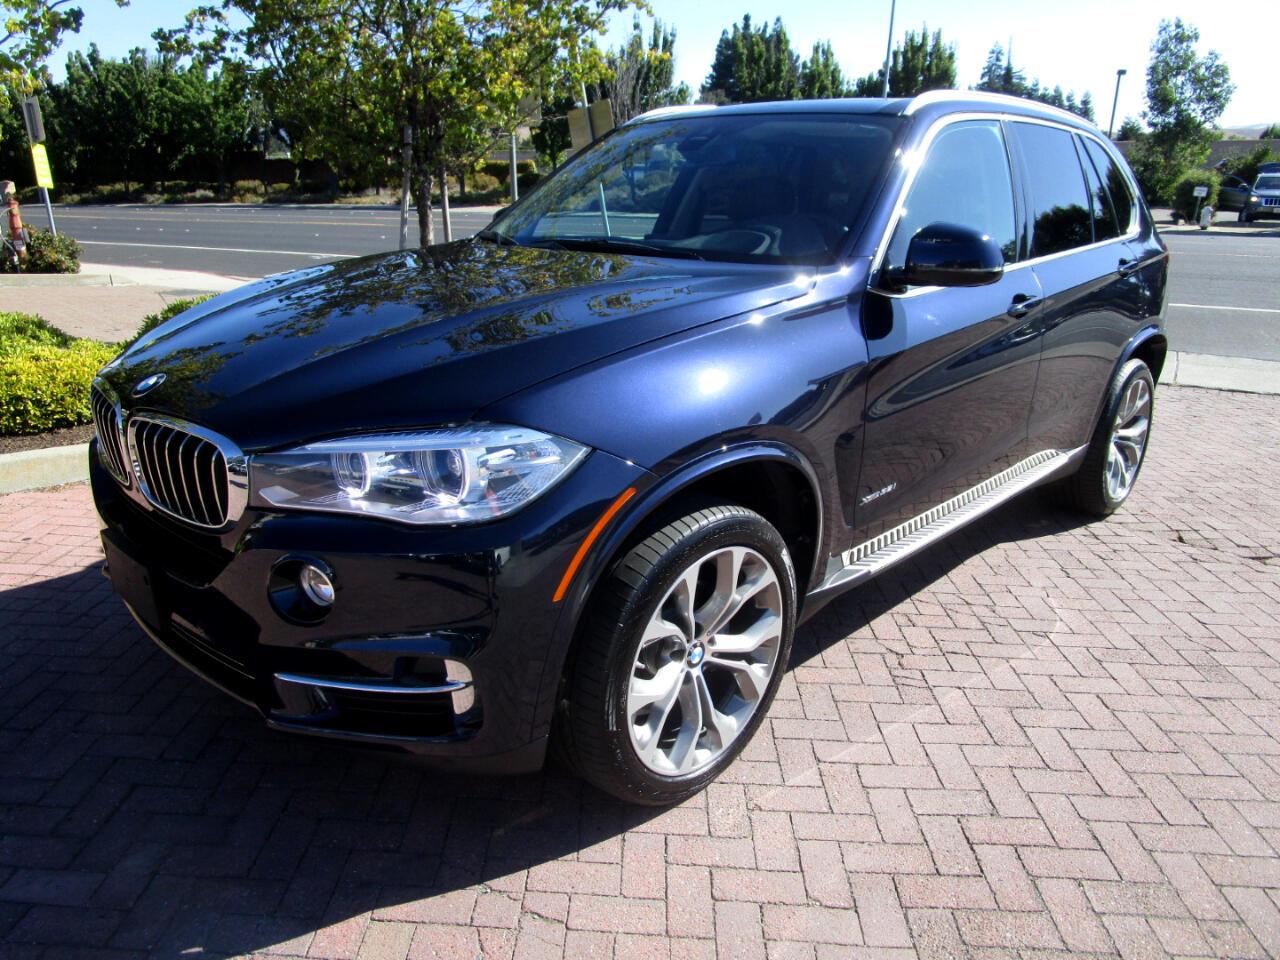 2016 BMW X5 XDrive 35I AWD**LUXURY LINE*PREM*LUX SEAT PKG*DRIVER ASST